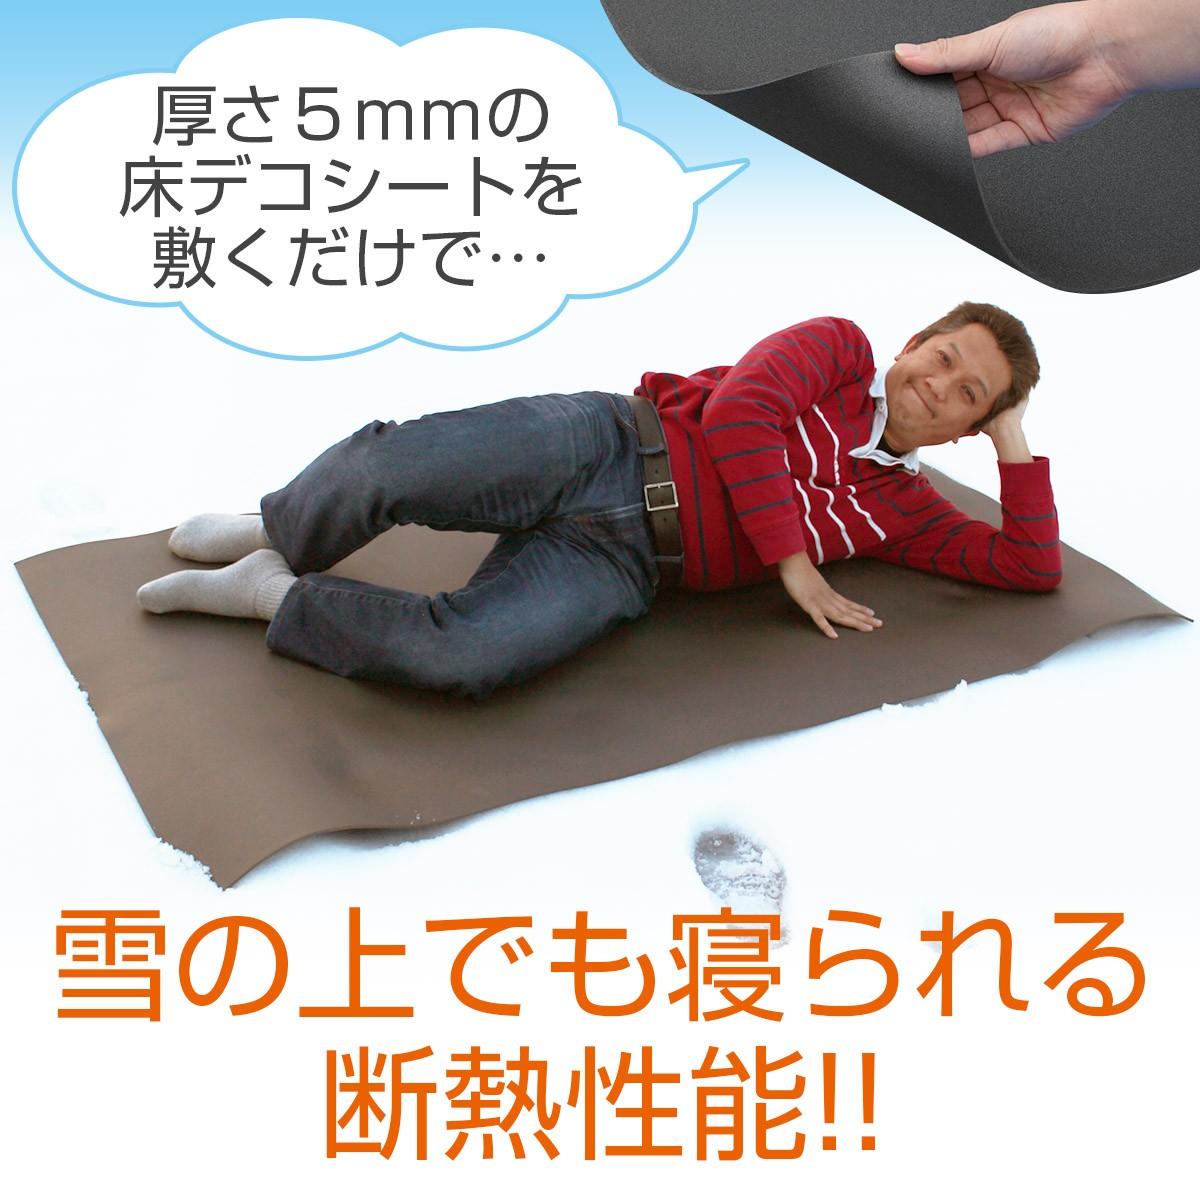 厚さ5ミリの床デコシートを敷くだけで…雪の上でも寝られる断熱性能